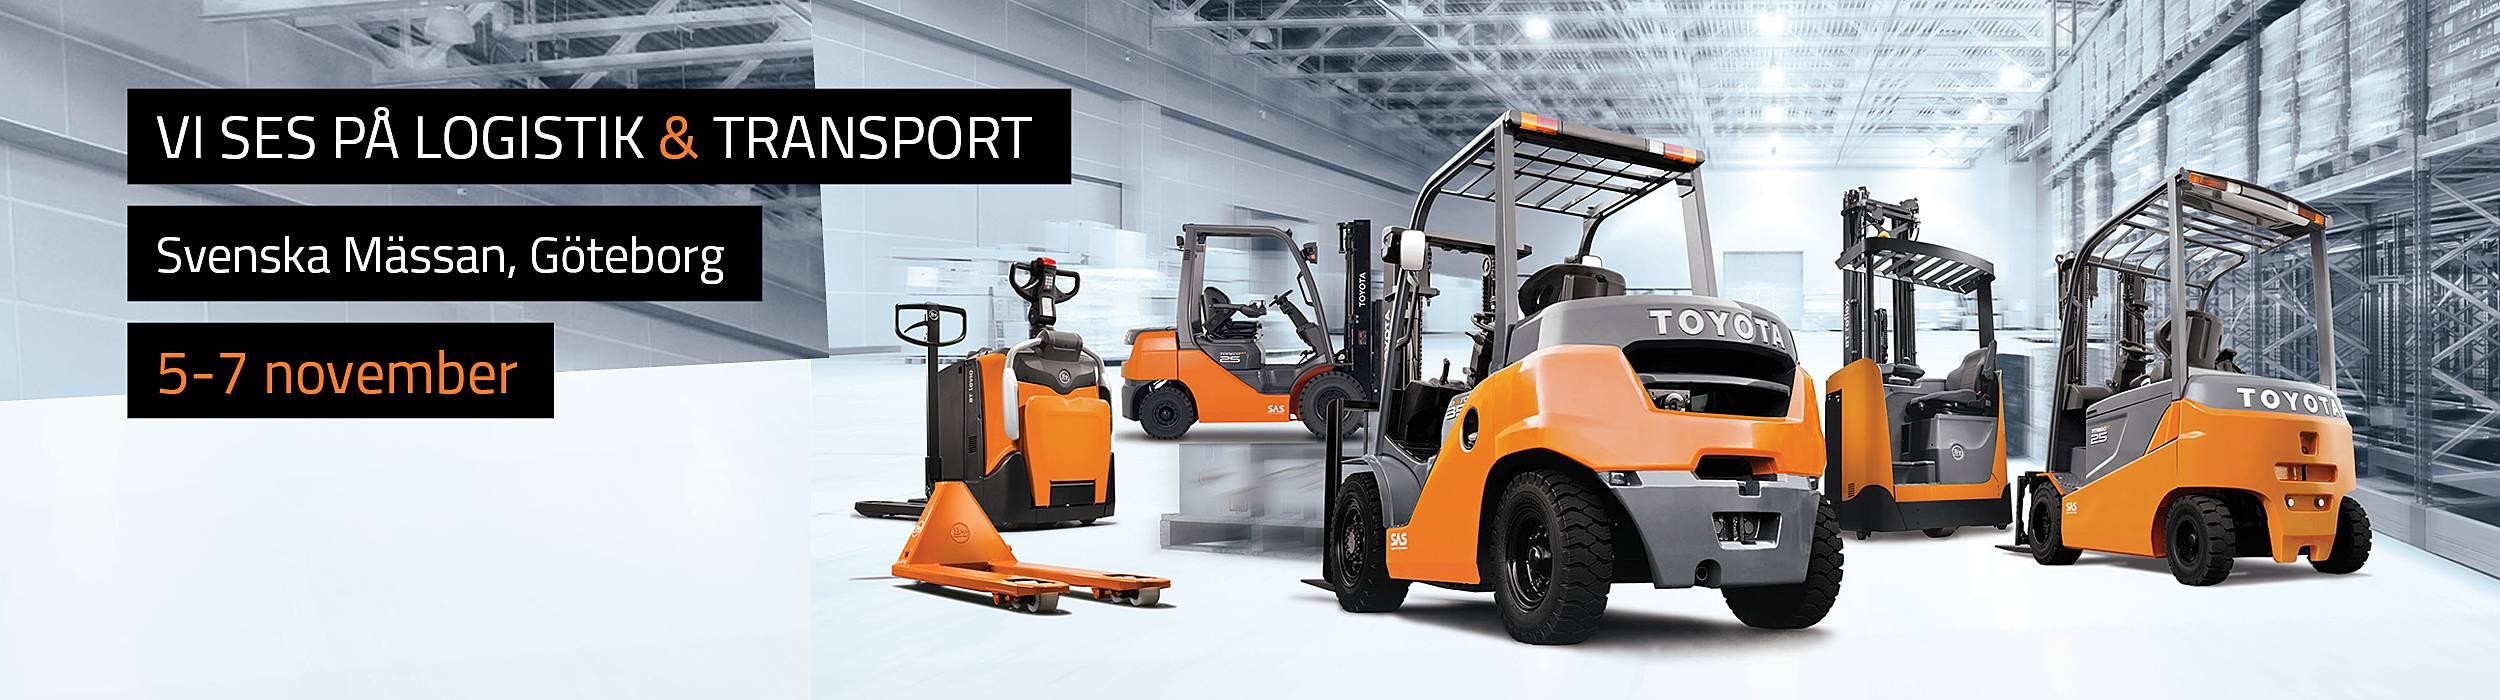 Toyota Material Handling Sweden ställer ut på Logistik & Transport 2018